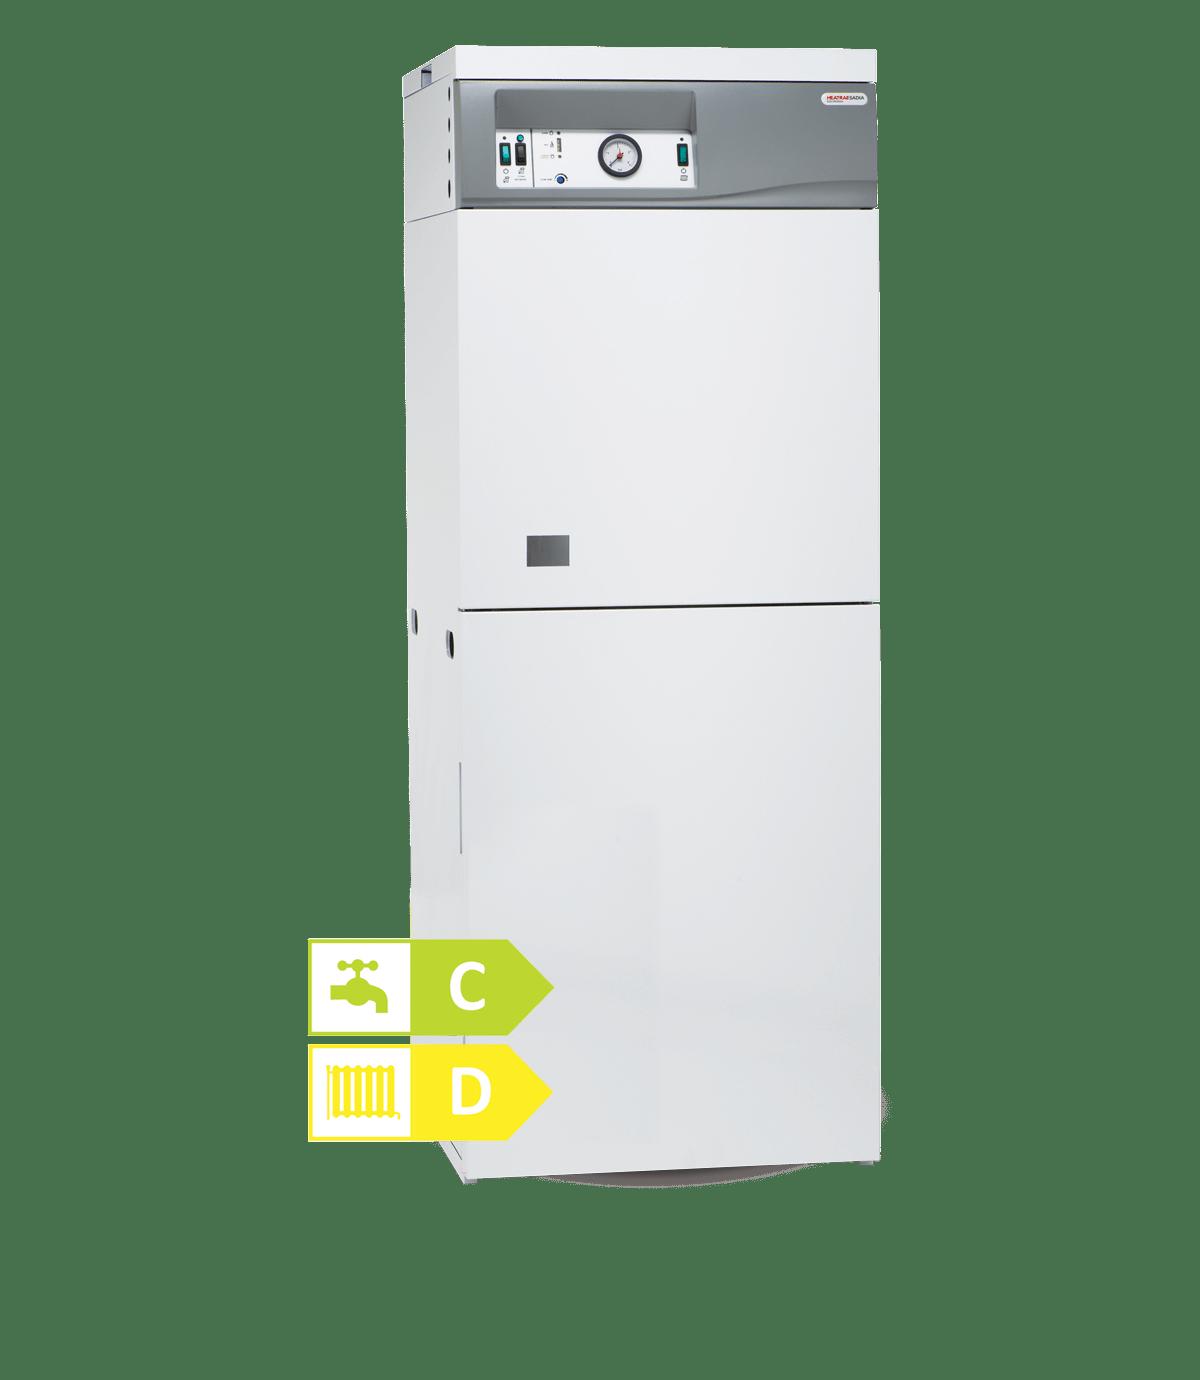 santon electric flow boiler instructions